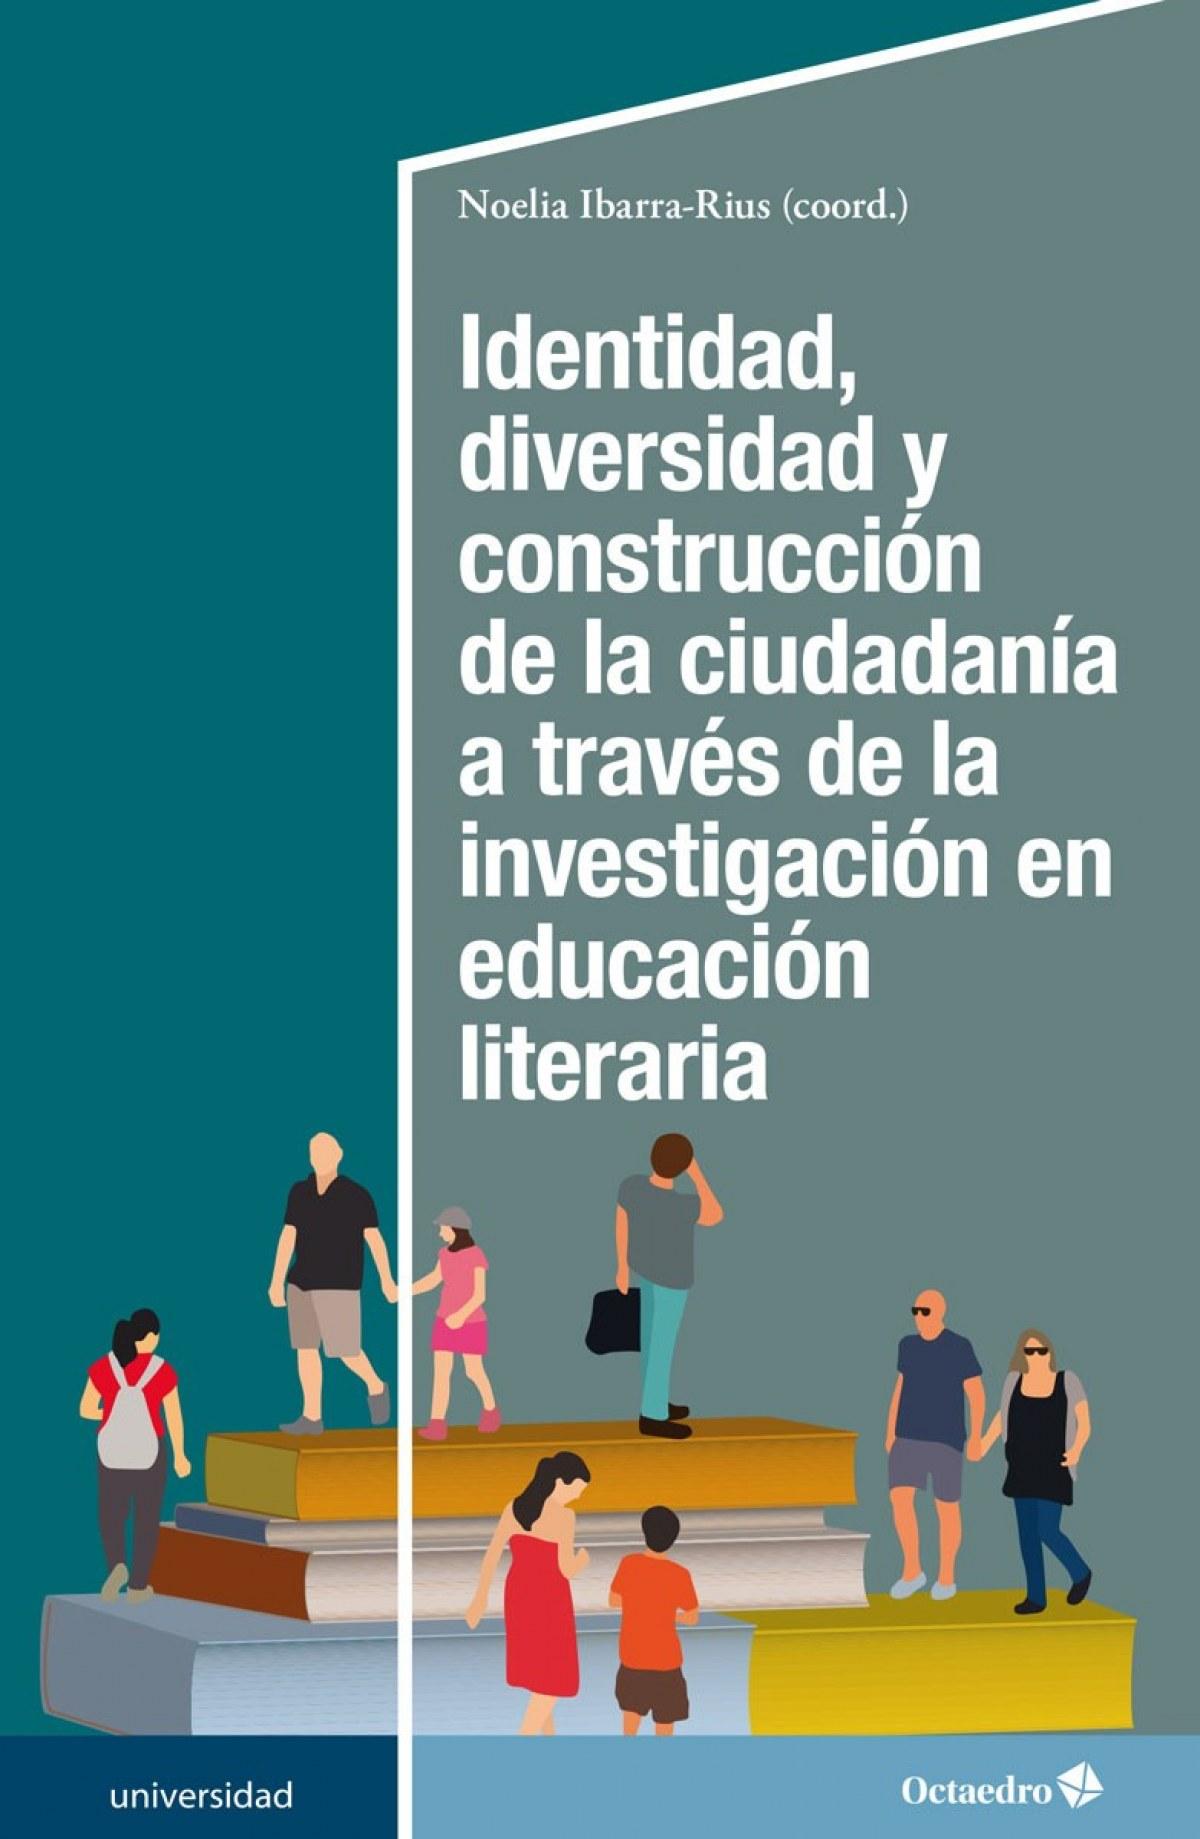 Identidad, diversidad y construcciùn de la ciudadanÆa a travÄs de la investigaciùn en educaciùn literaria